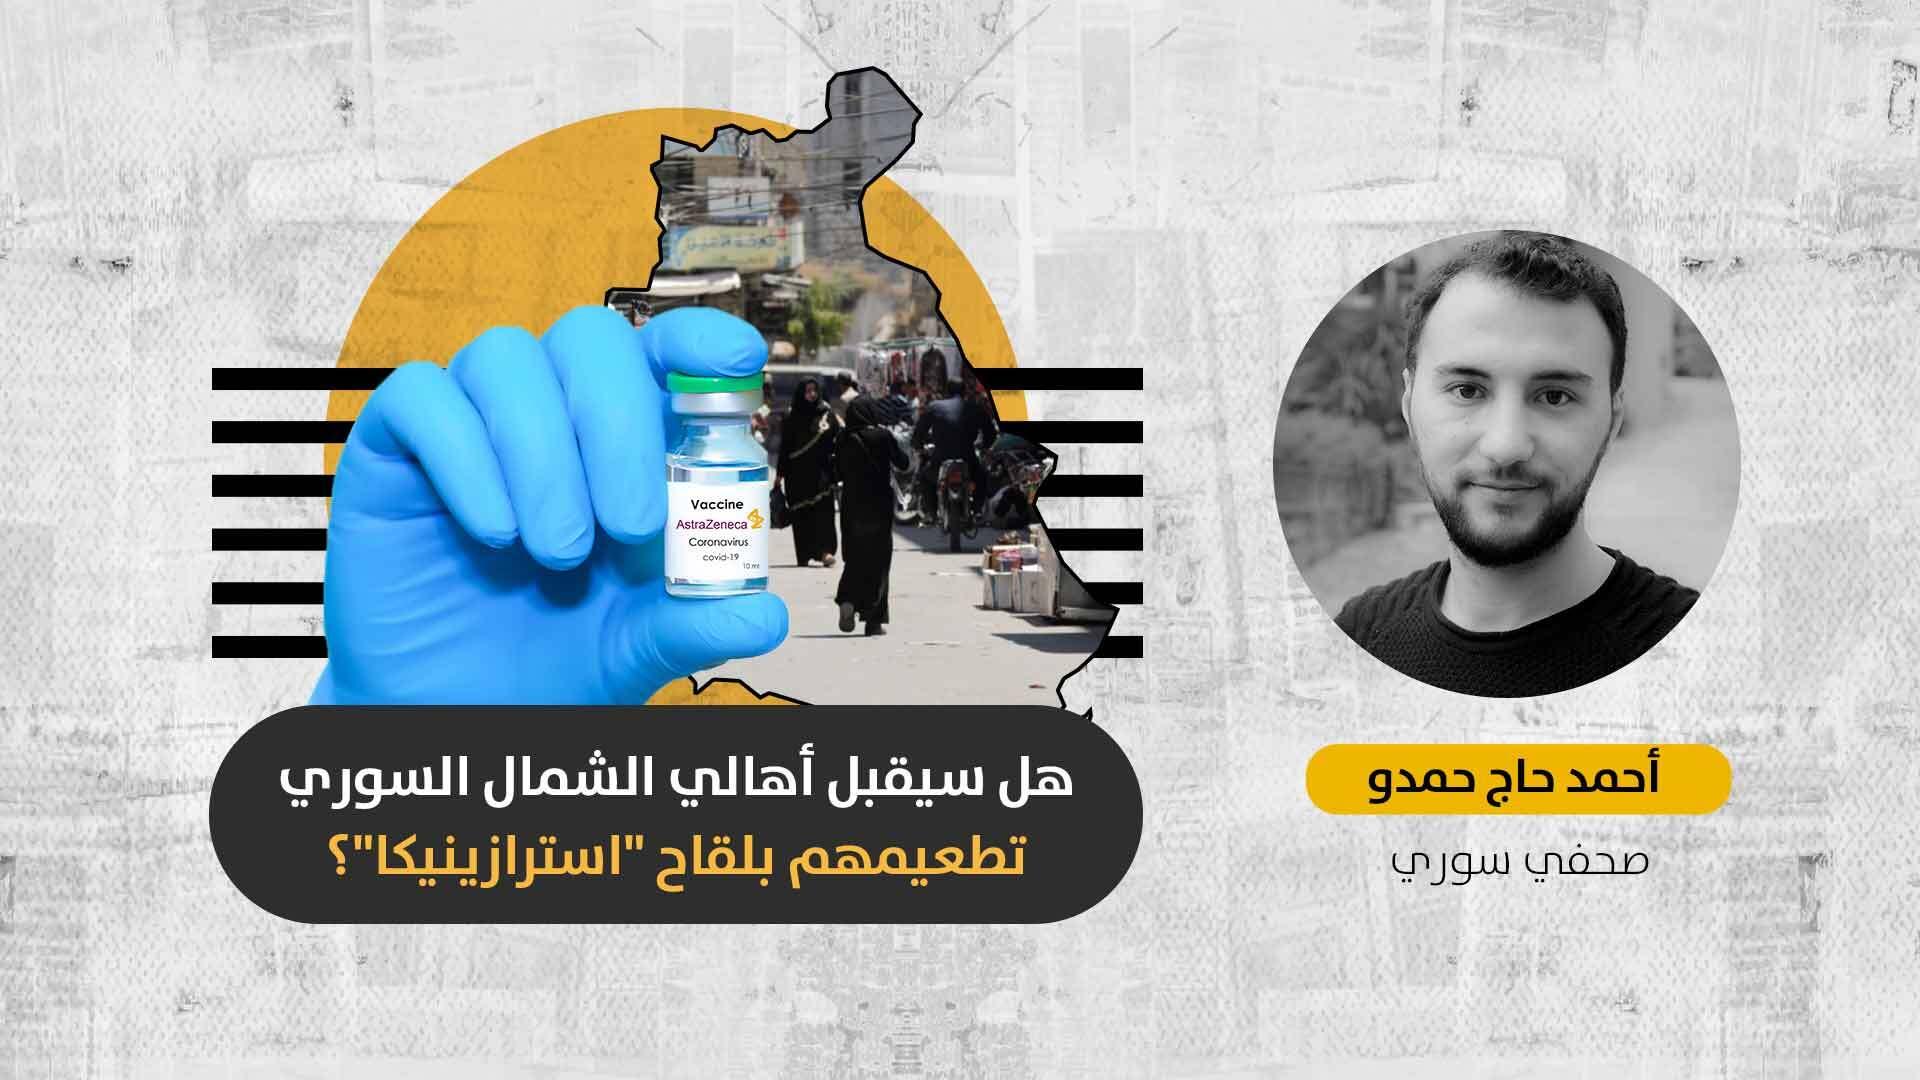 """""""استرازينيكا"""" في الشمال السوري: هل يُعتبر اللقاح البريطاني المثير للجدل حلاً لوقاية الأهالي من انتشار كورونا؟"""